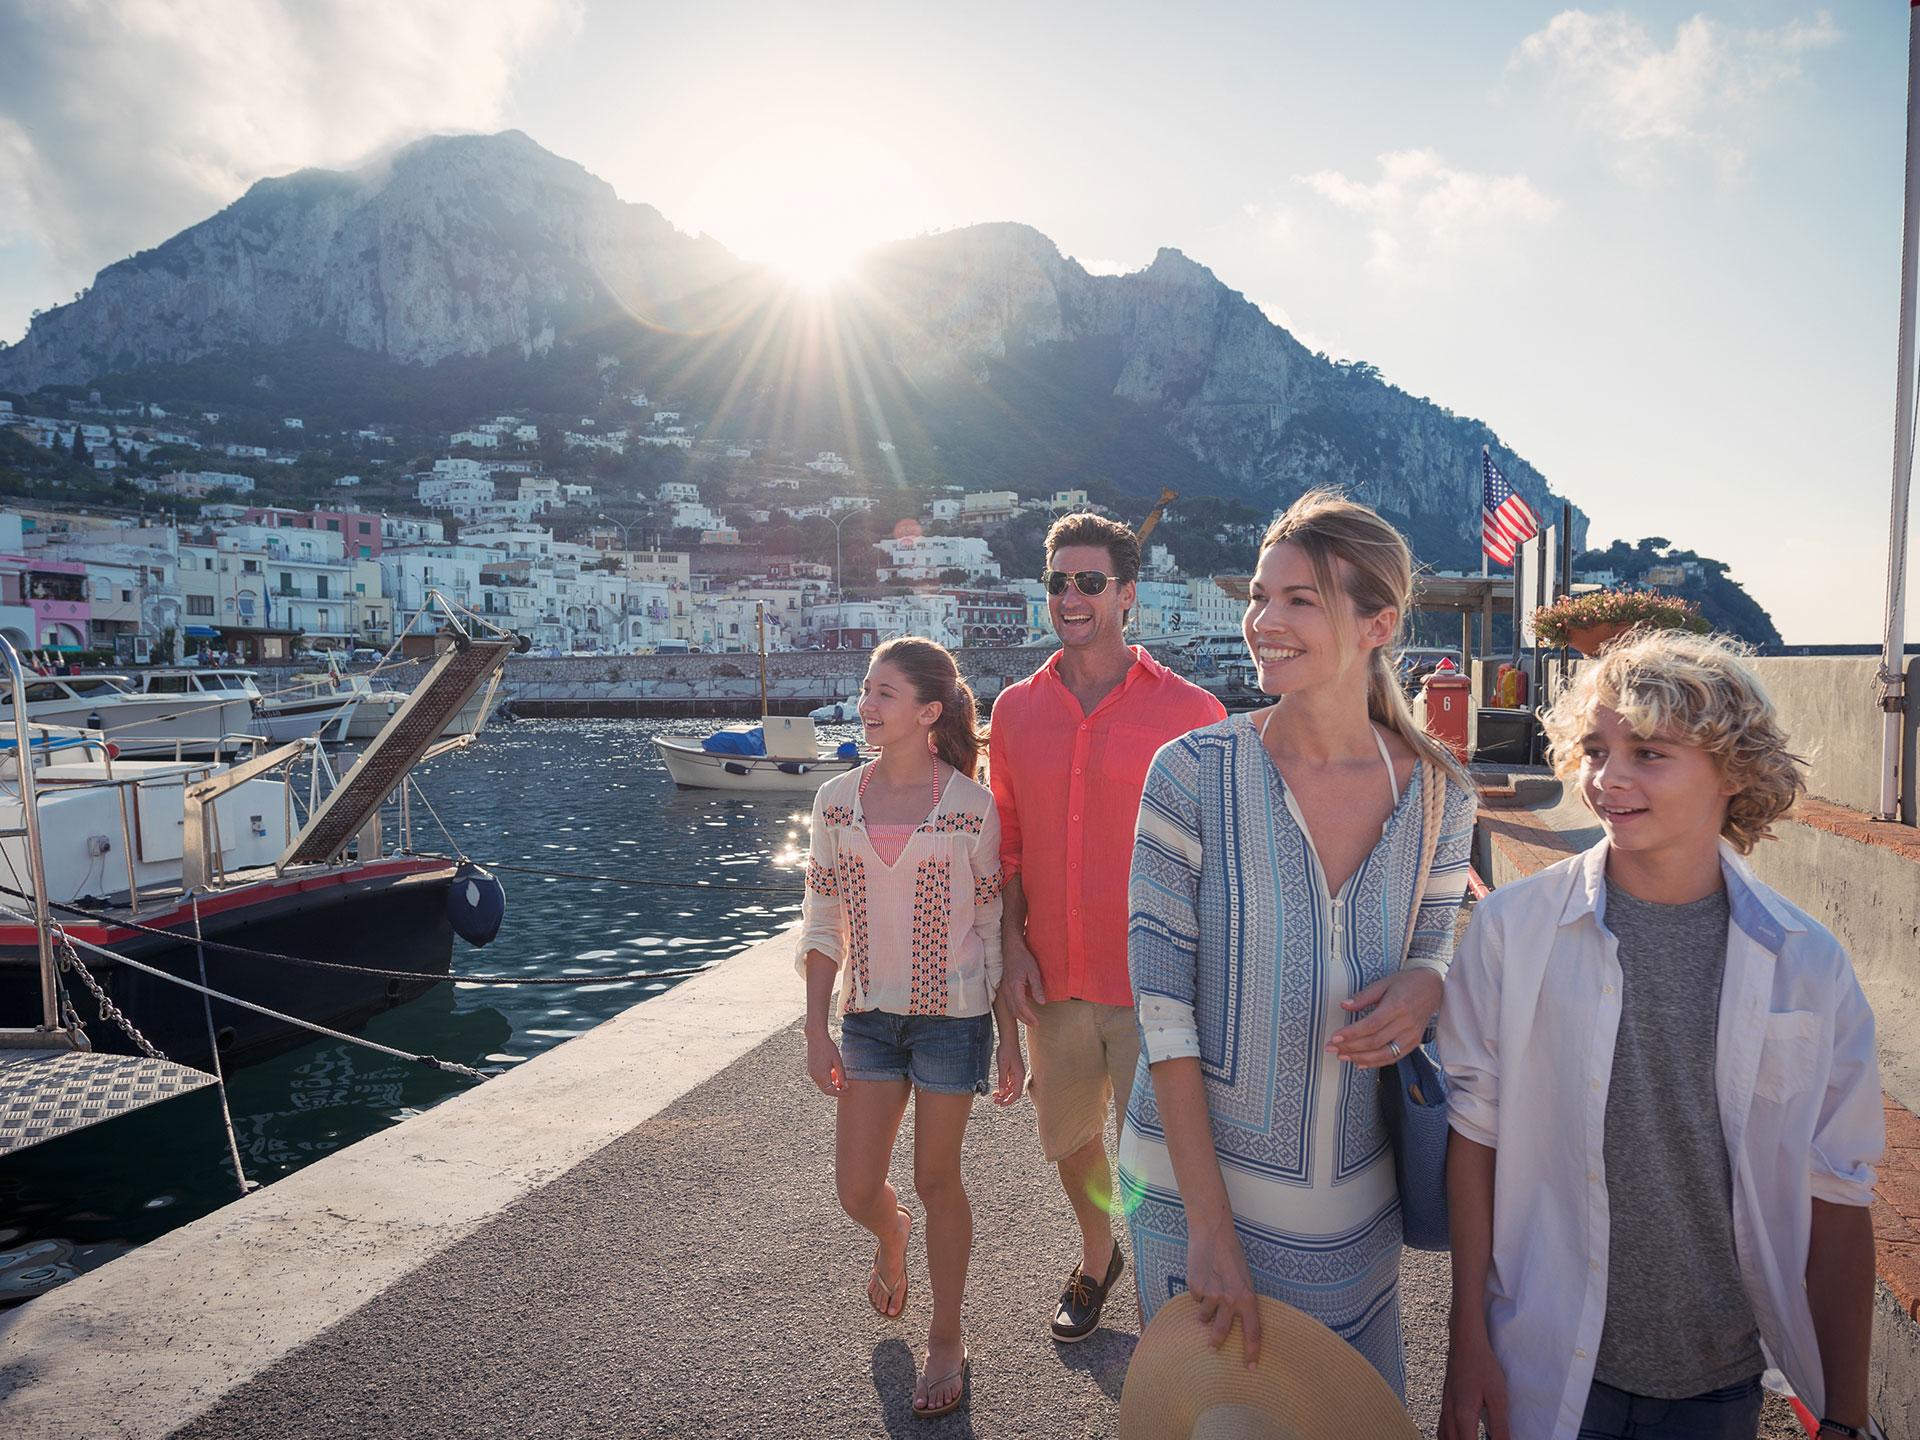 皇家加勒比海洋珠宝号—意大利希腊全览12天惠玩假期